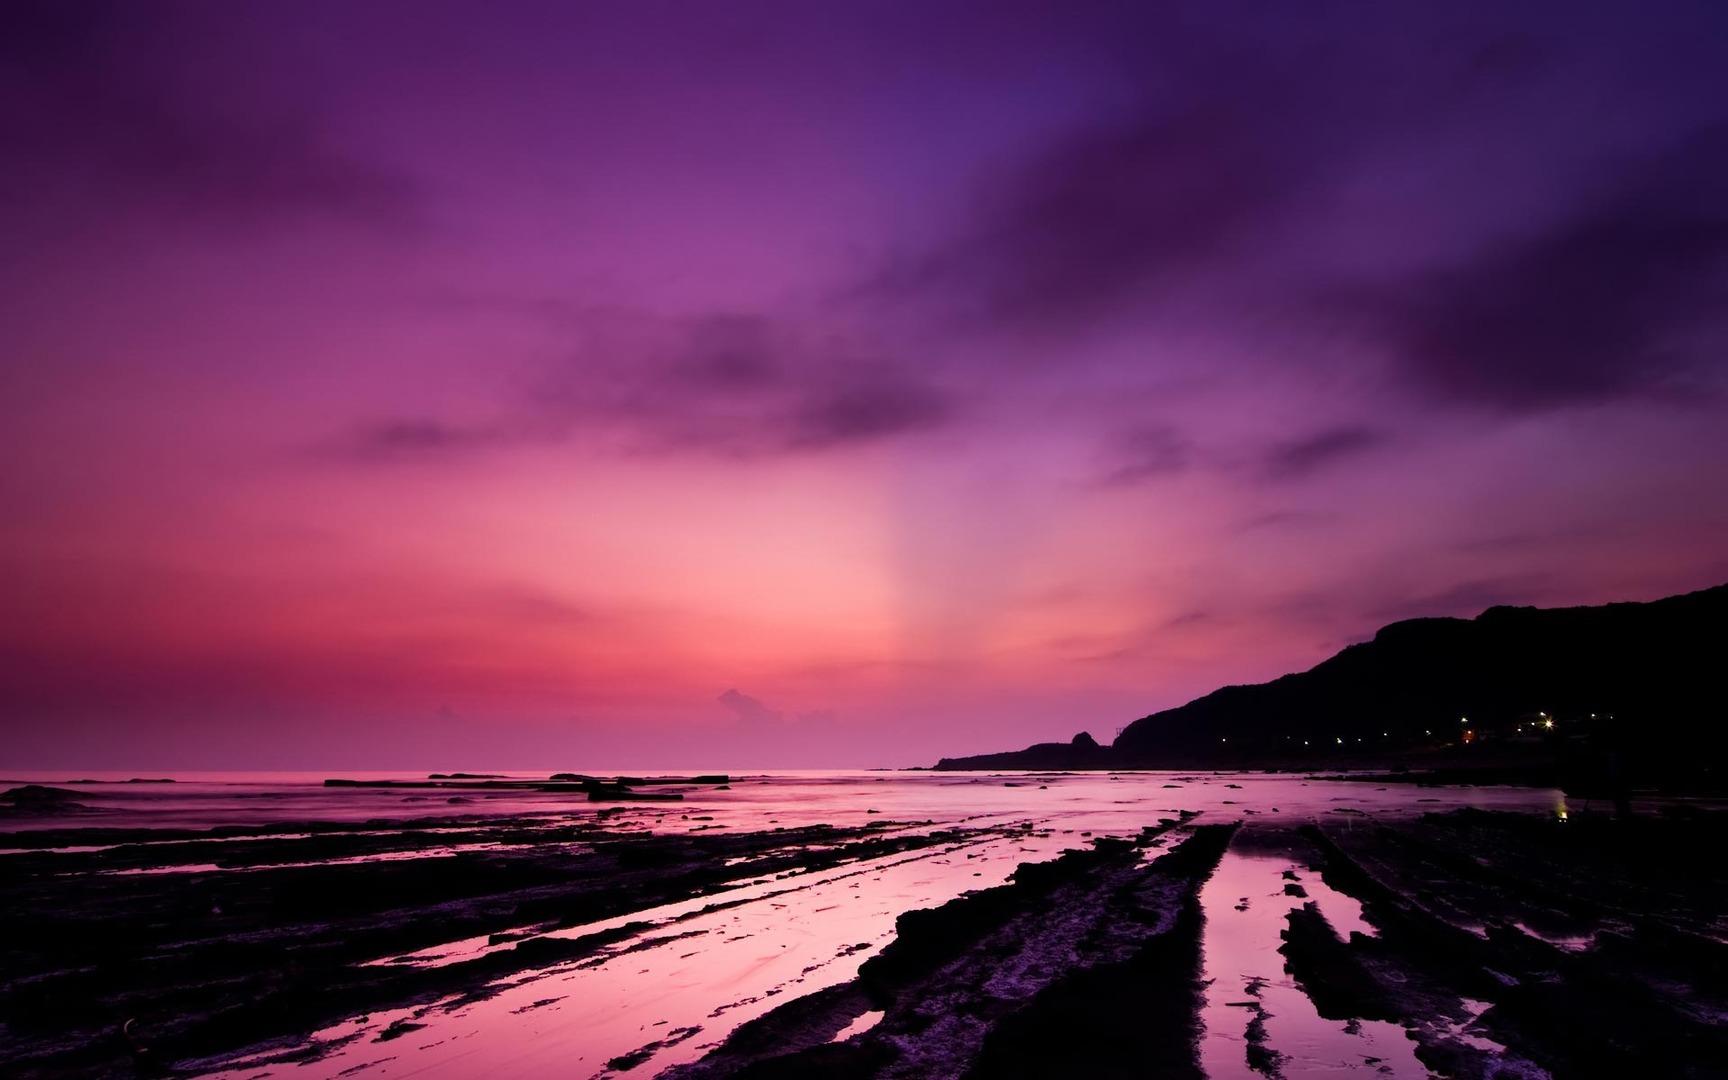 Mediterranean Sea HD Beach Wallpapers 1080p 1728x1080